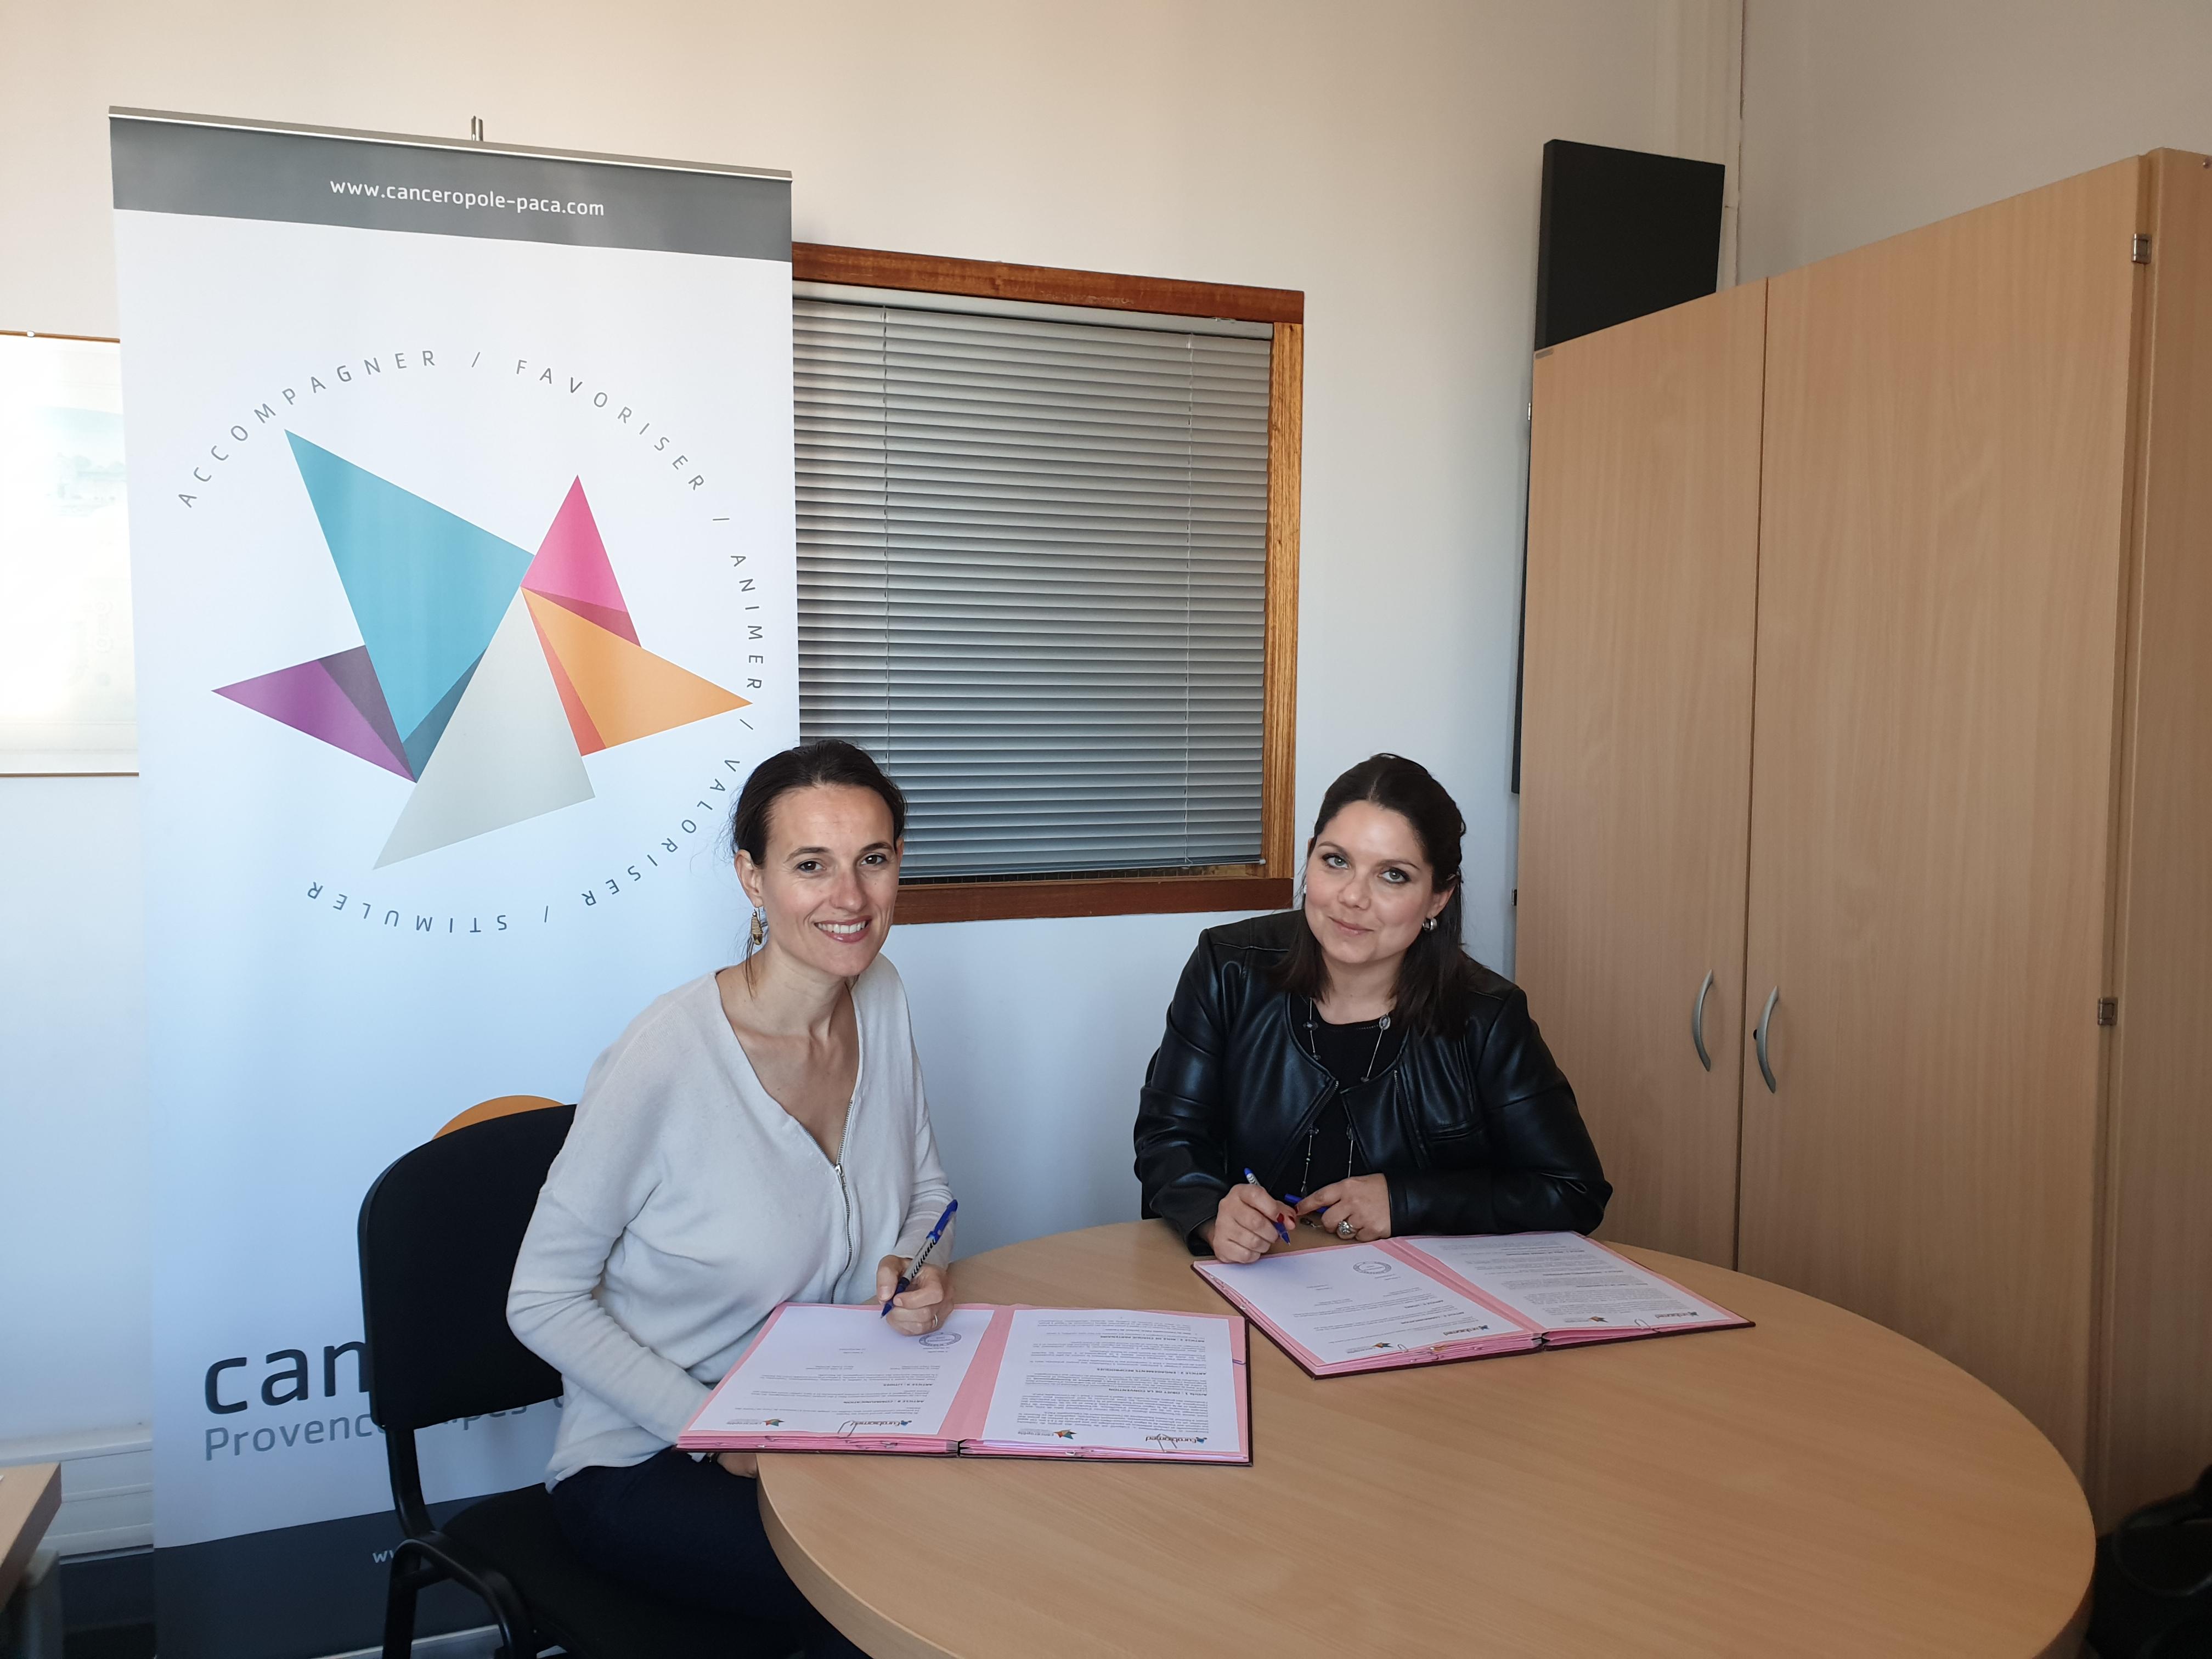 Partenariat Eurobiomed-Canceropôle PACA: un partenariat recherche-industries du Sud pour faciliter l'émergence et le succès d'innovations anticancers ambitieuses.